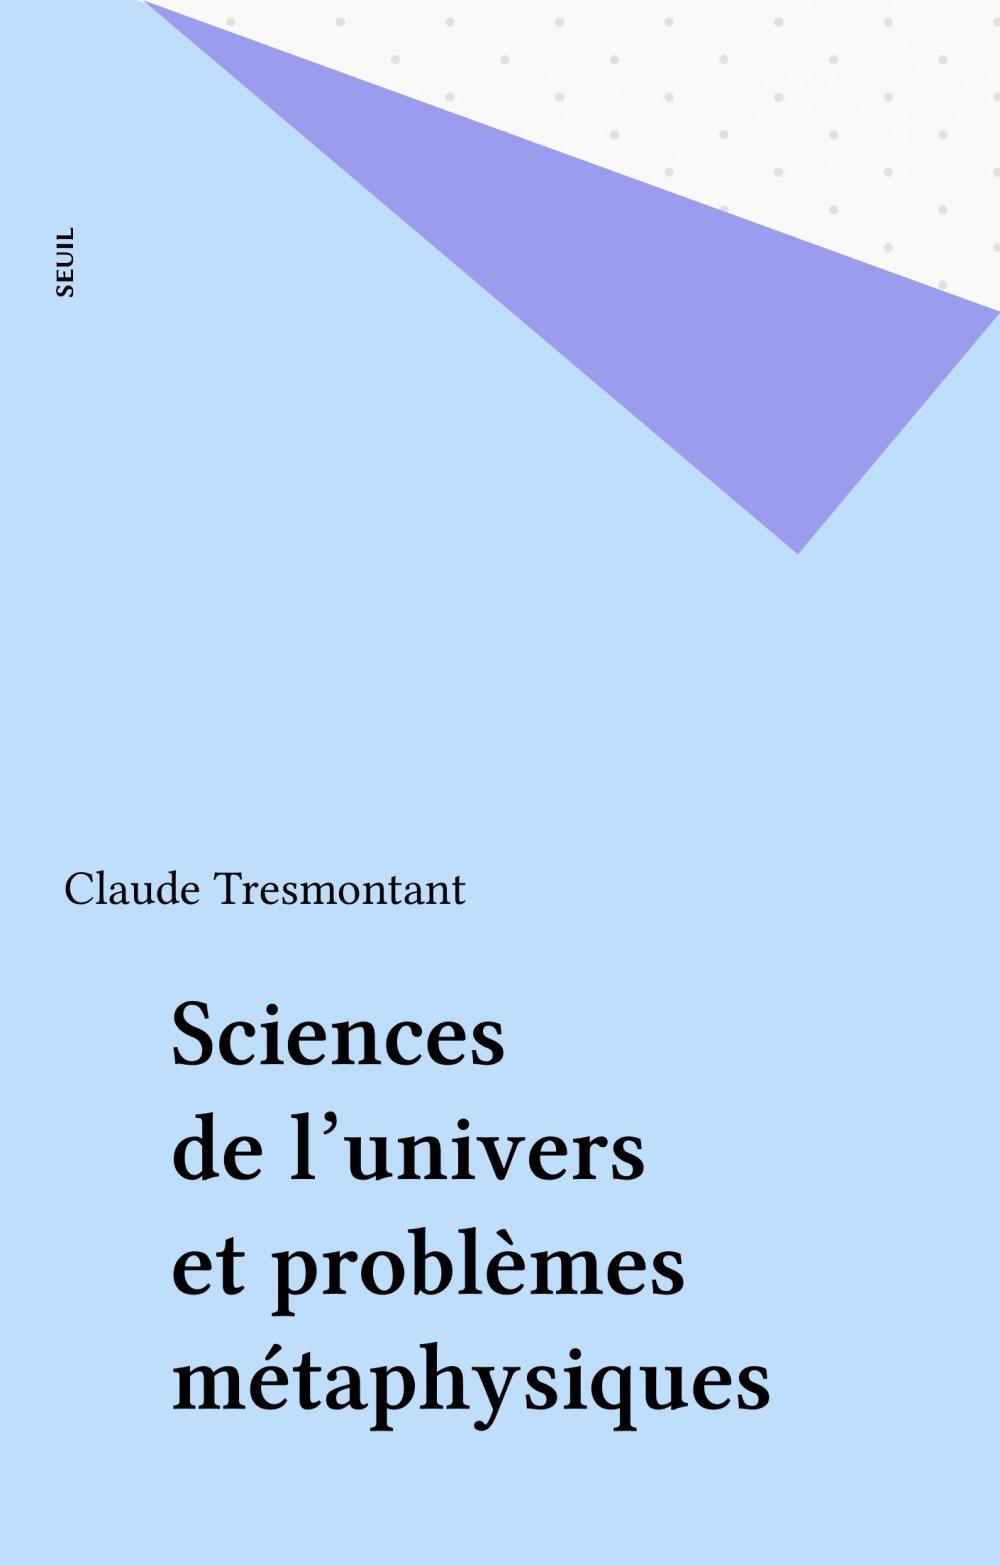 Claude Tresmontant Sciences de l'univers et problèmes métaphysiques